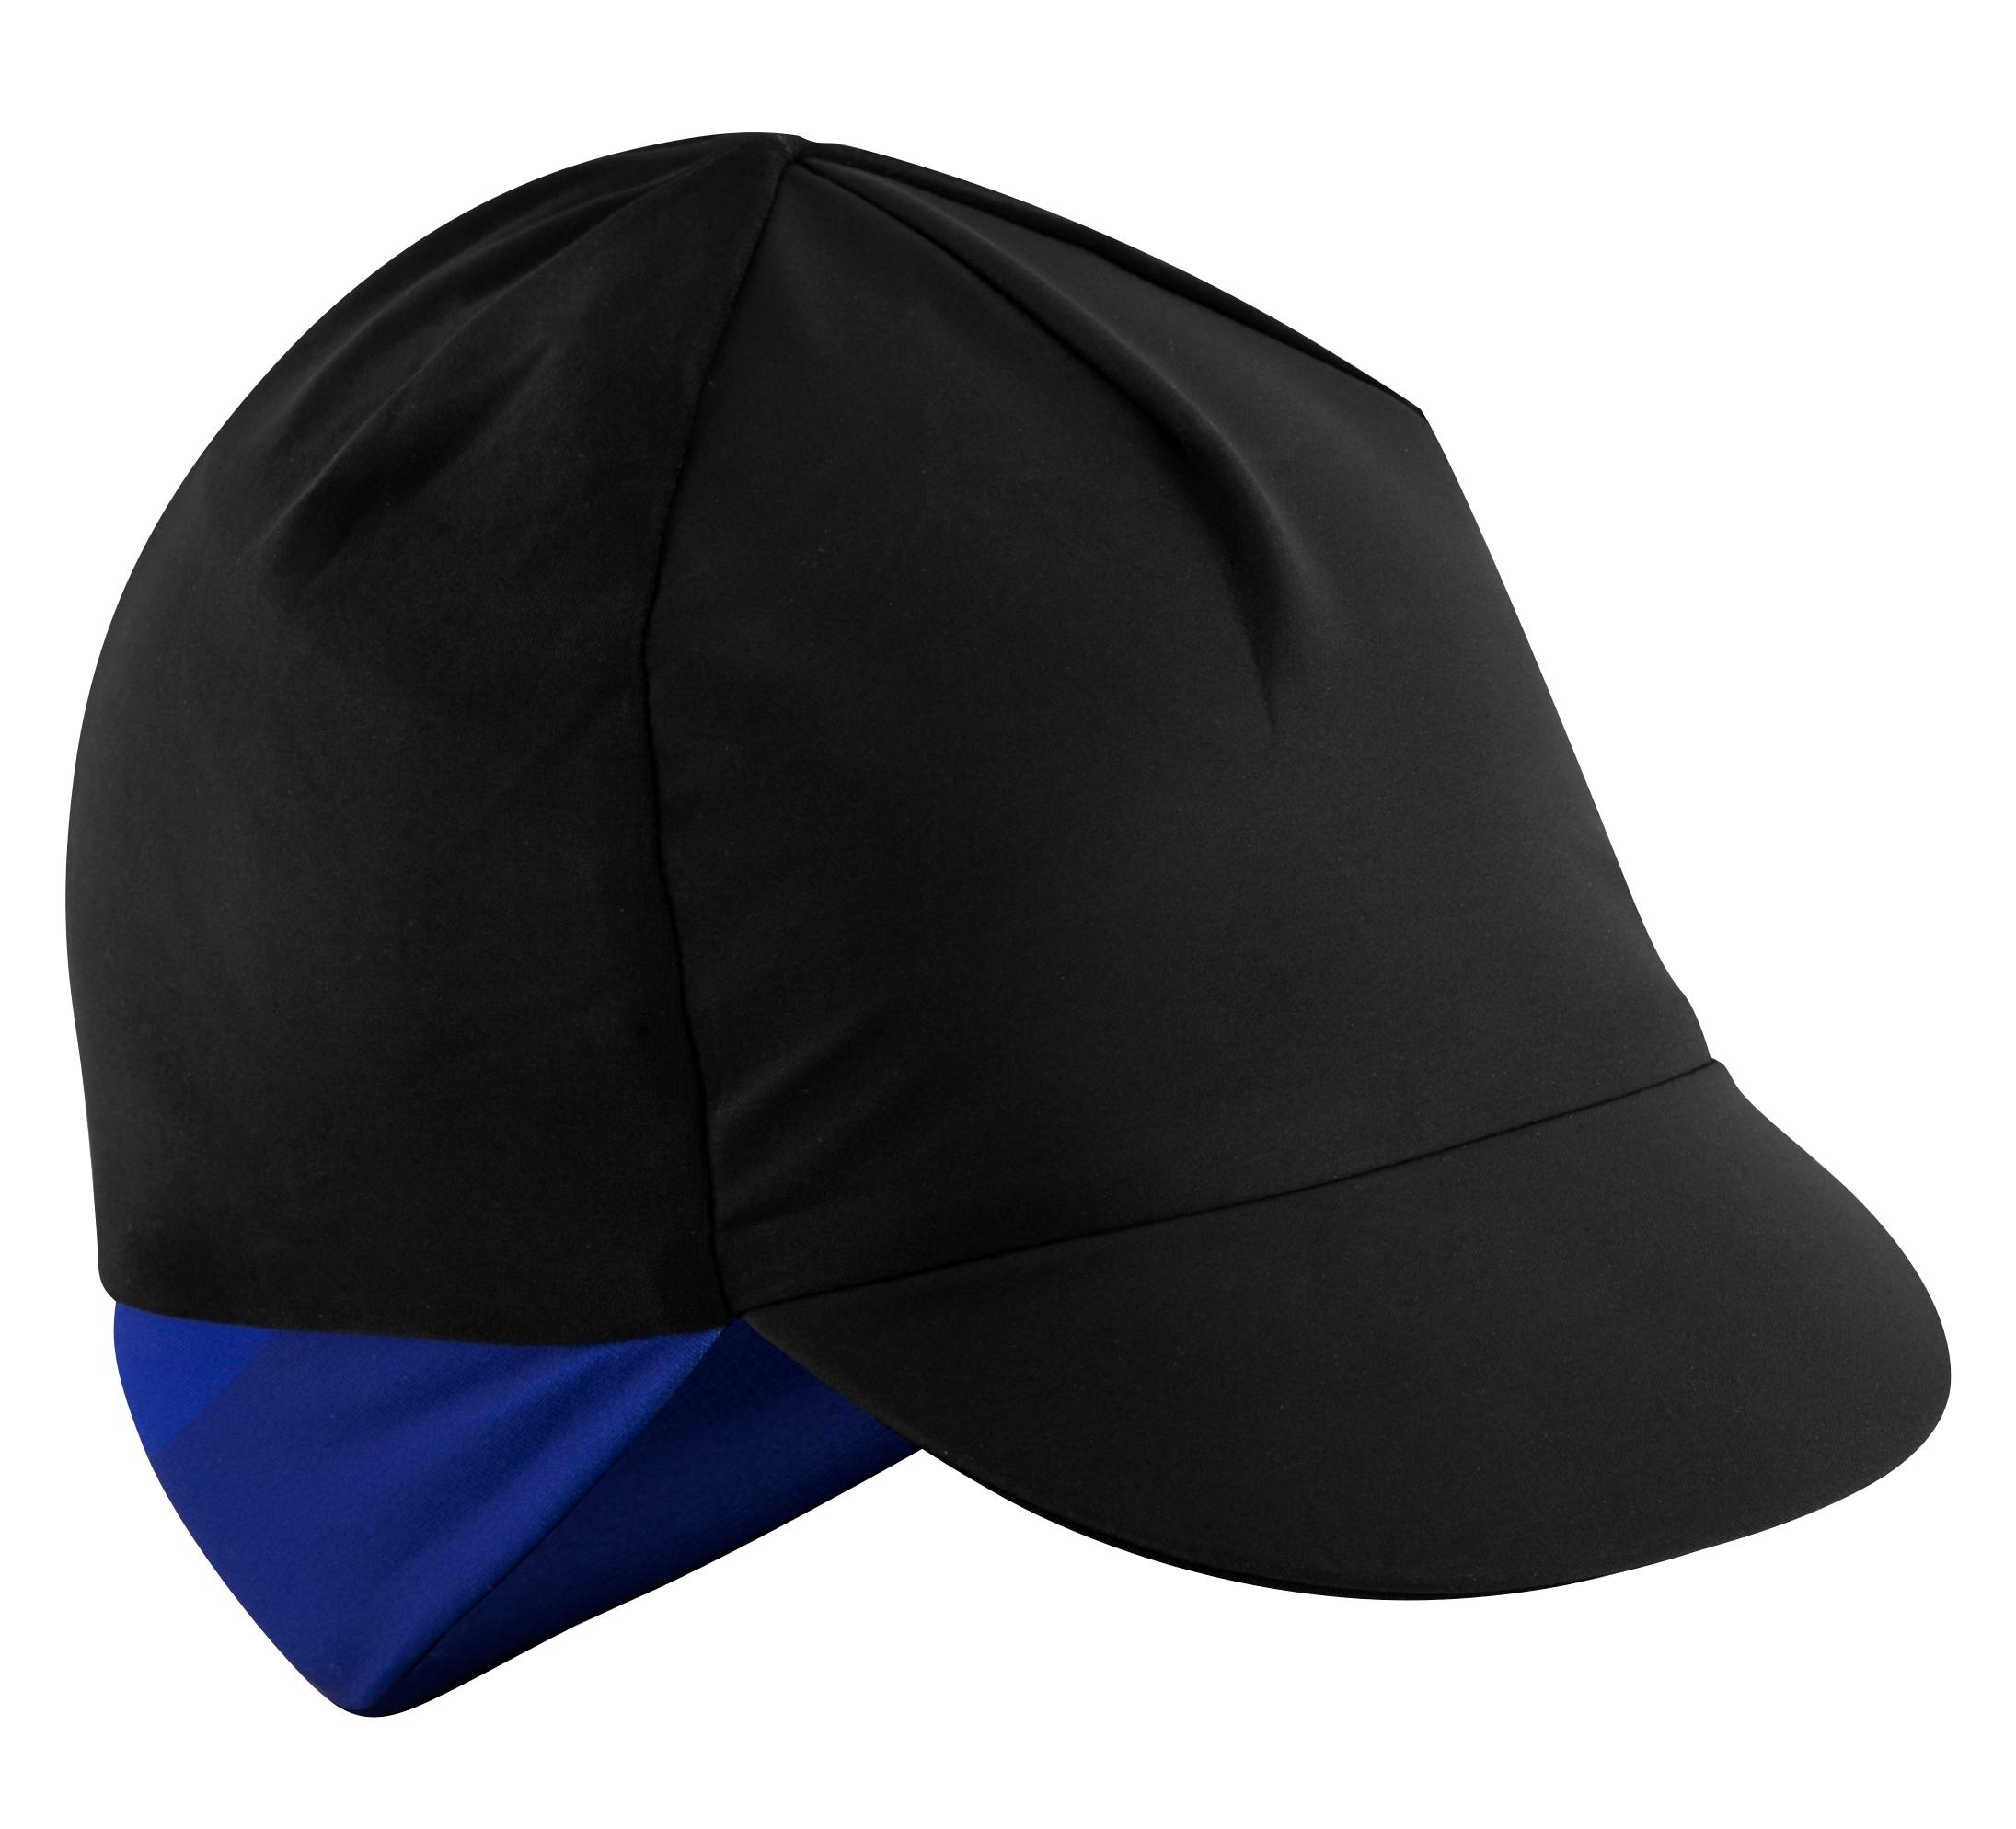 čepička s kšiltem FORCE BRISK zimní,črn-modrá